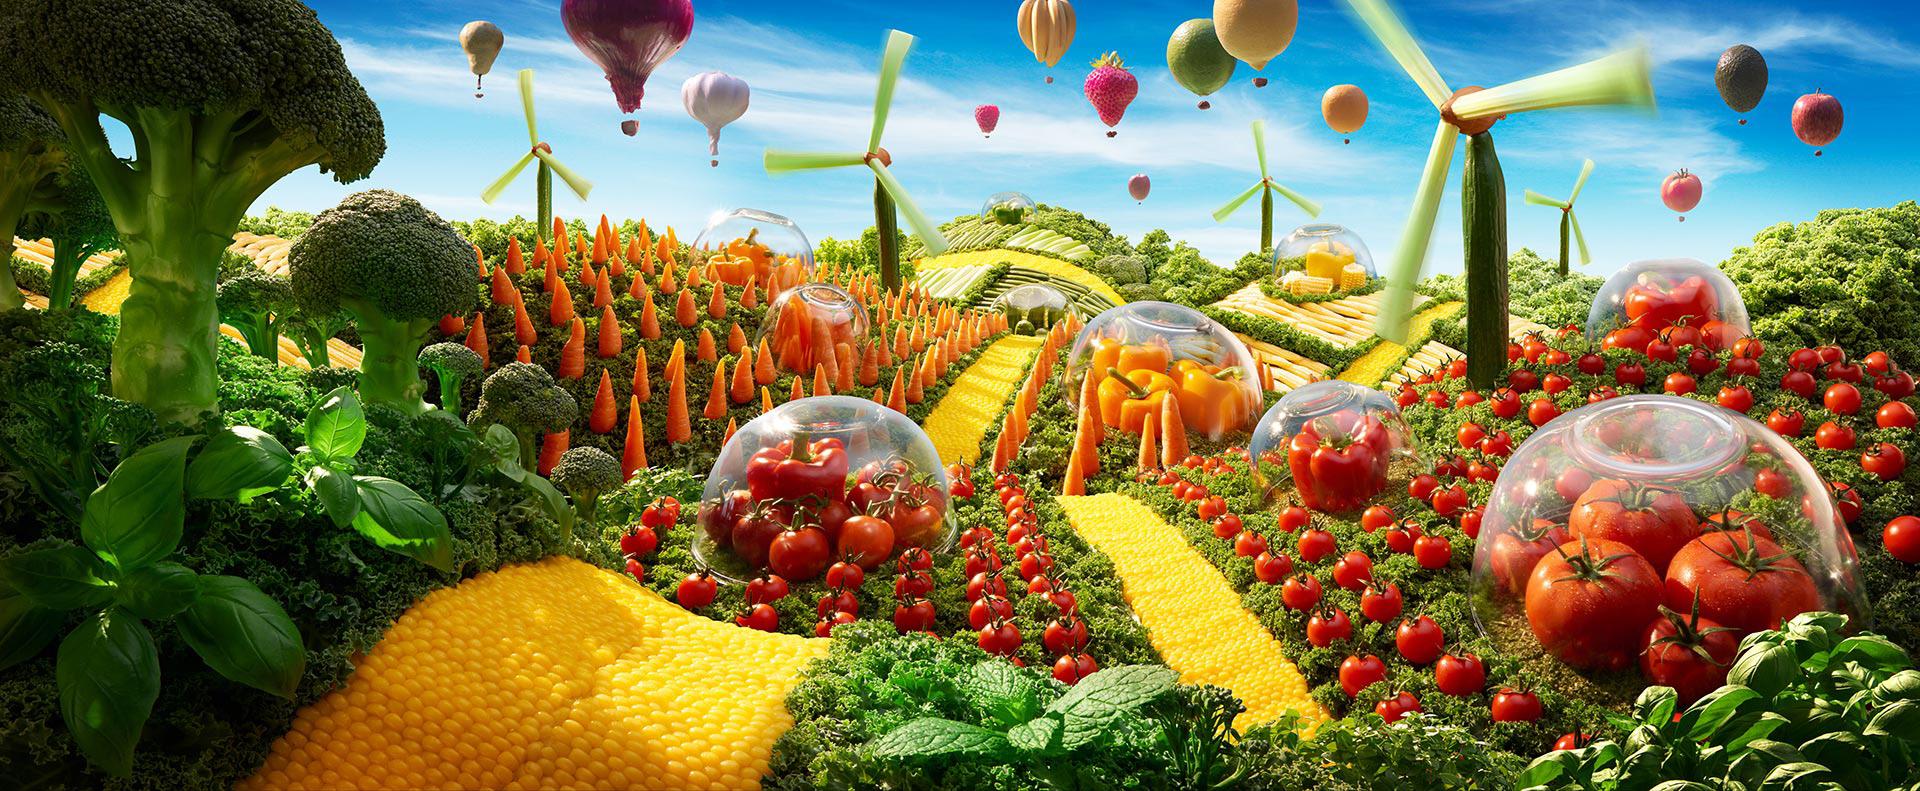 внимательный картинки овощное царство воссоздает форму половогооргана